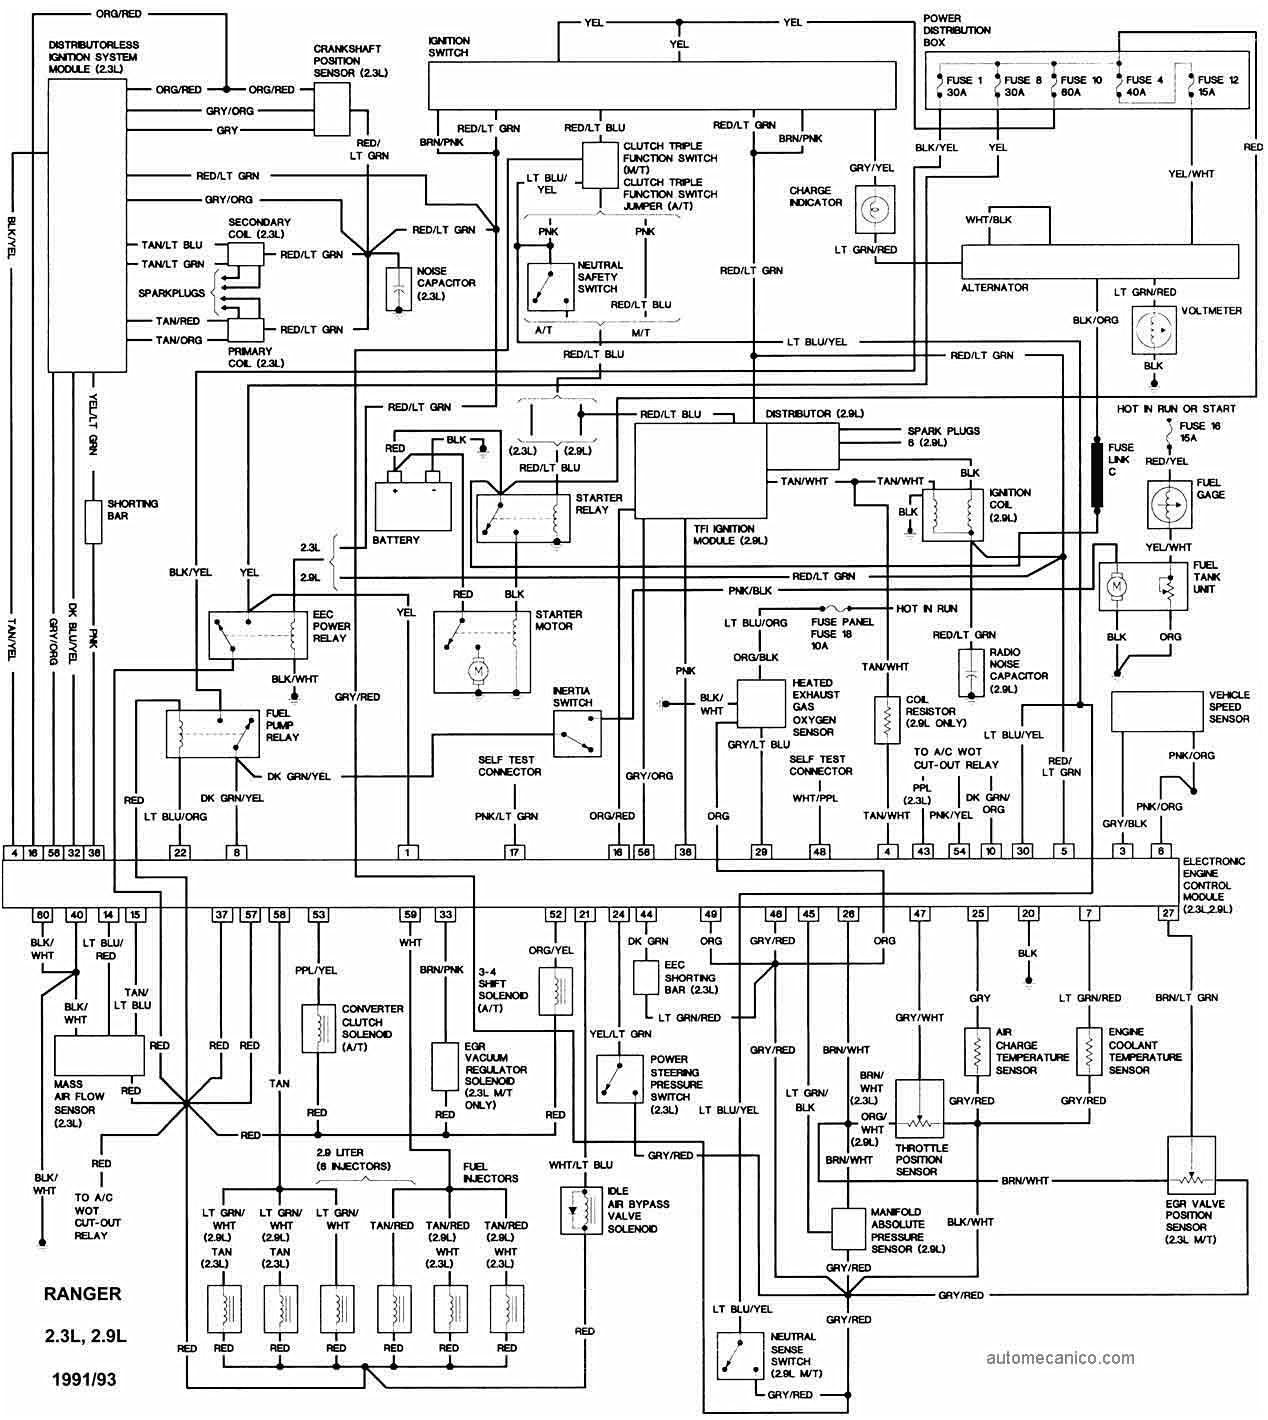 1999 ford explorer schematics wiring diagram today 1999 explorer ac wiring diagram 1999 explorer wiring diagram